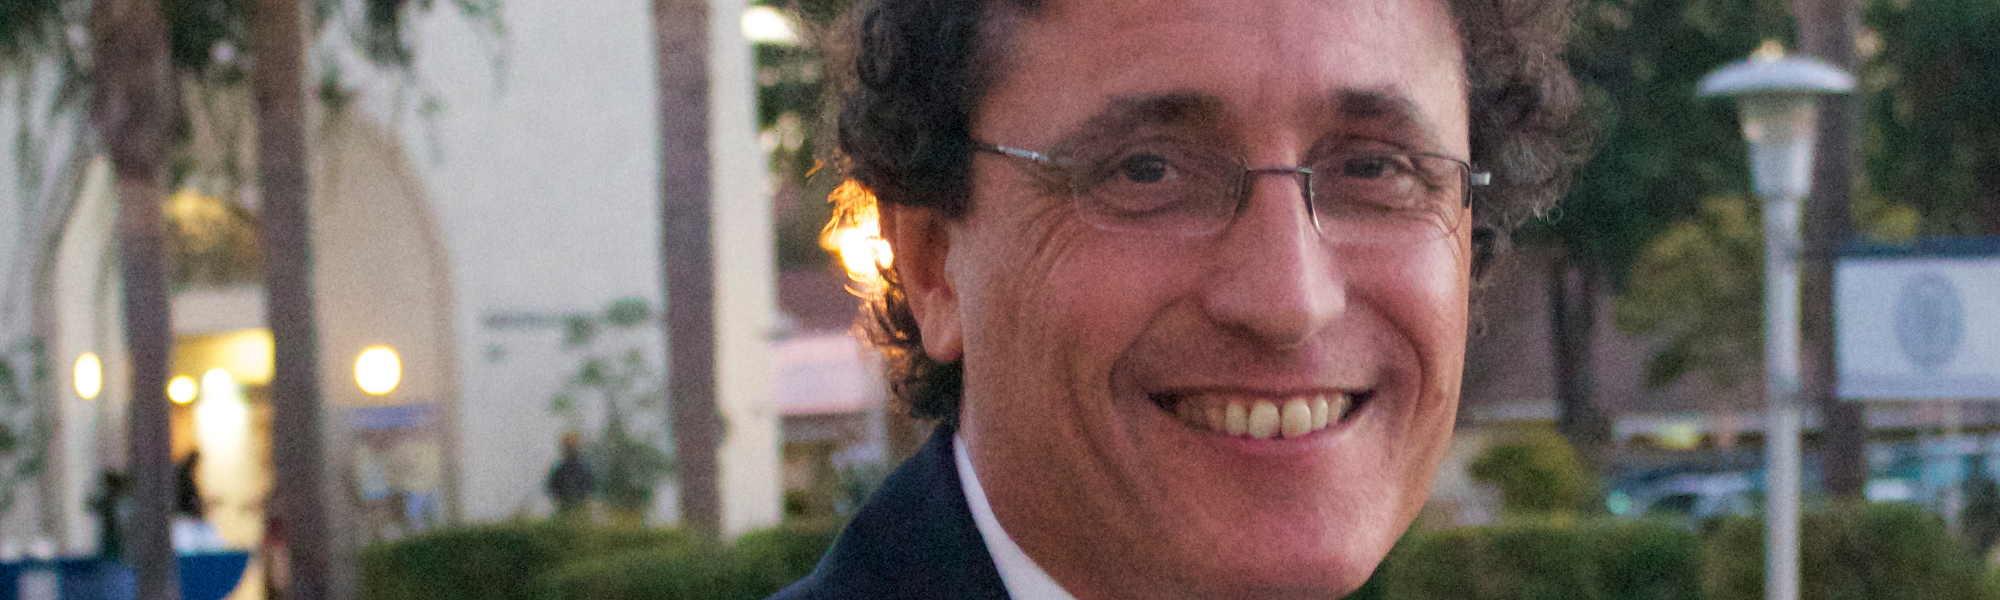 """Adolfo Roitman ministra palestra """"O Museu de Israel: Um Templo Nacional Secular"""""""